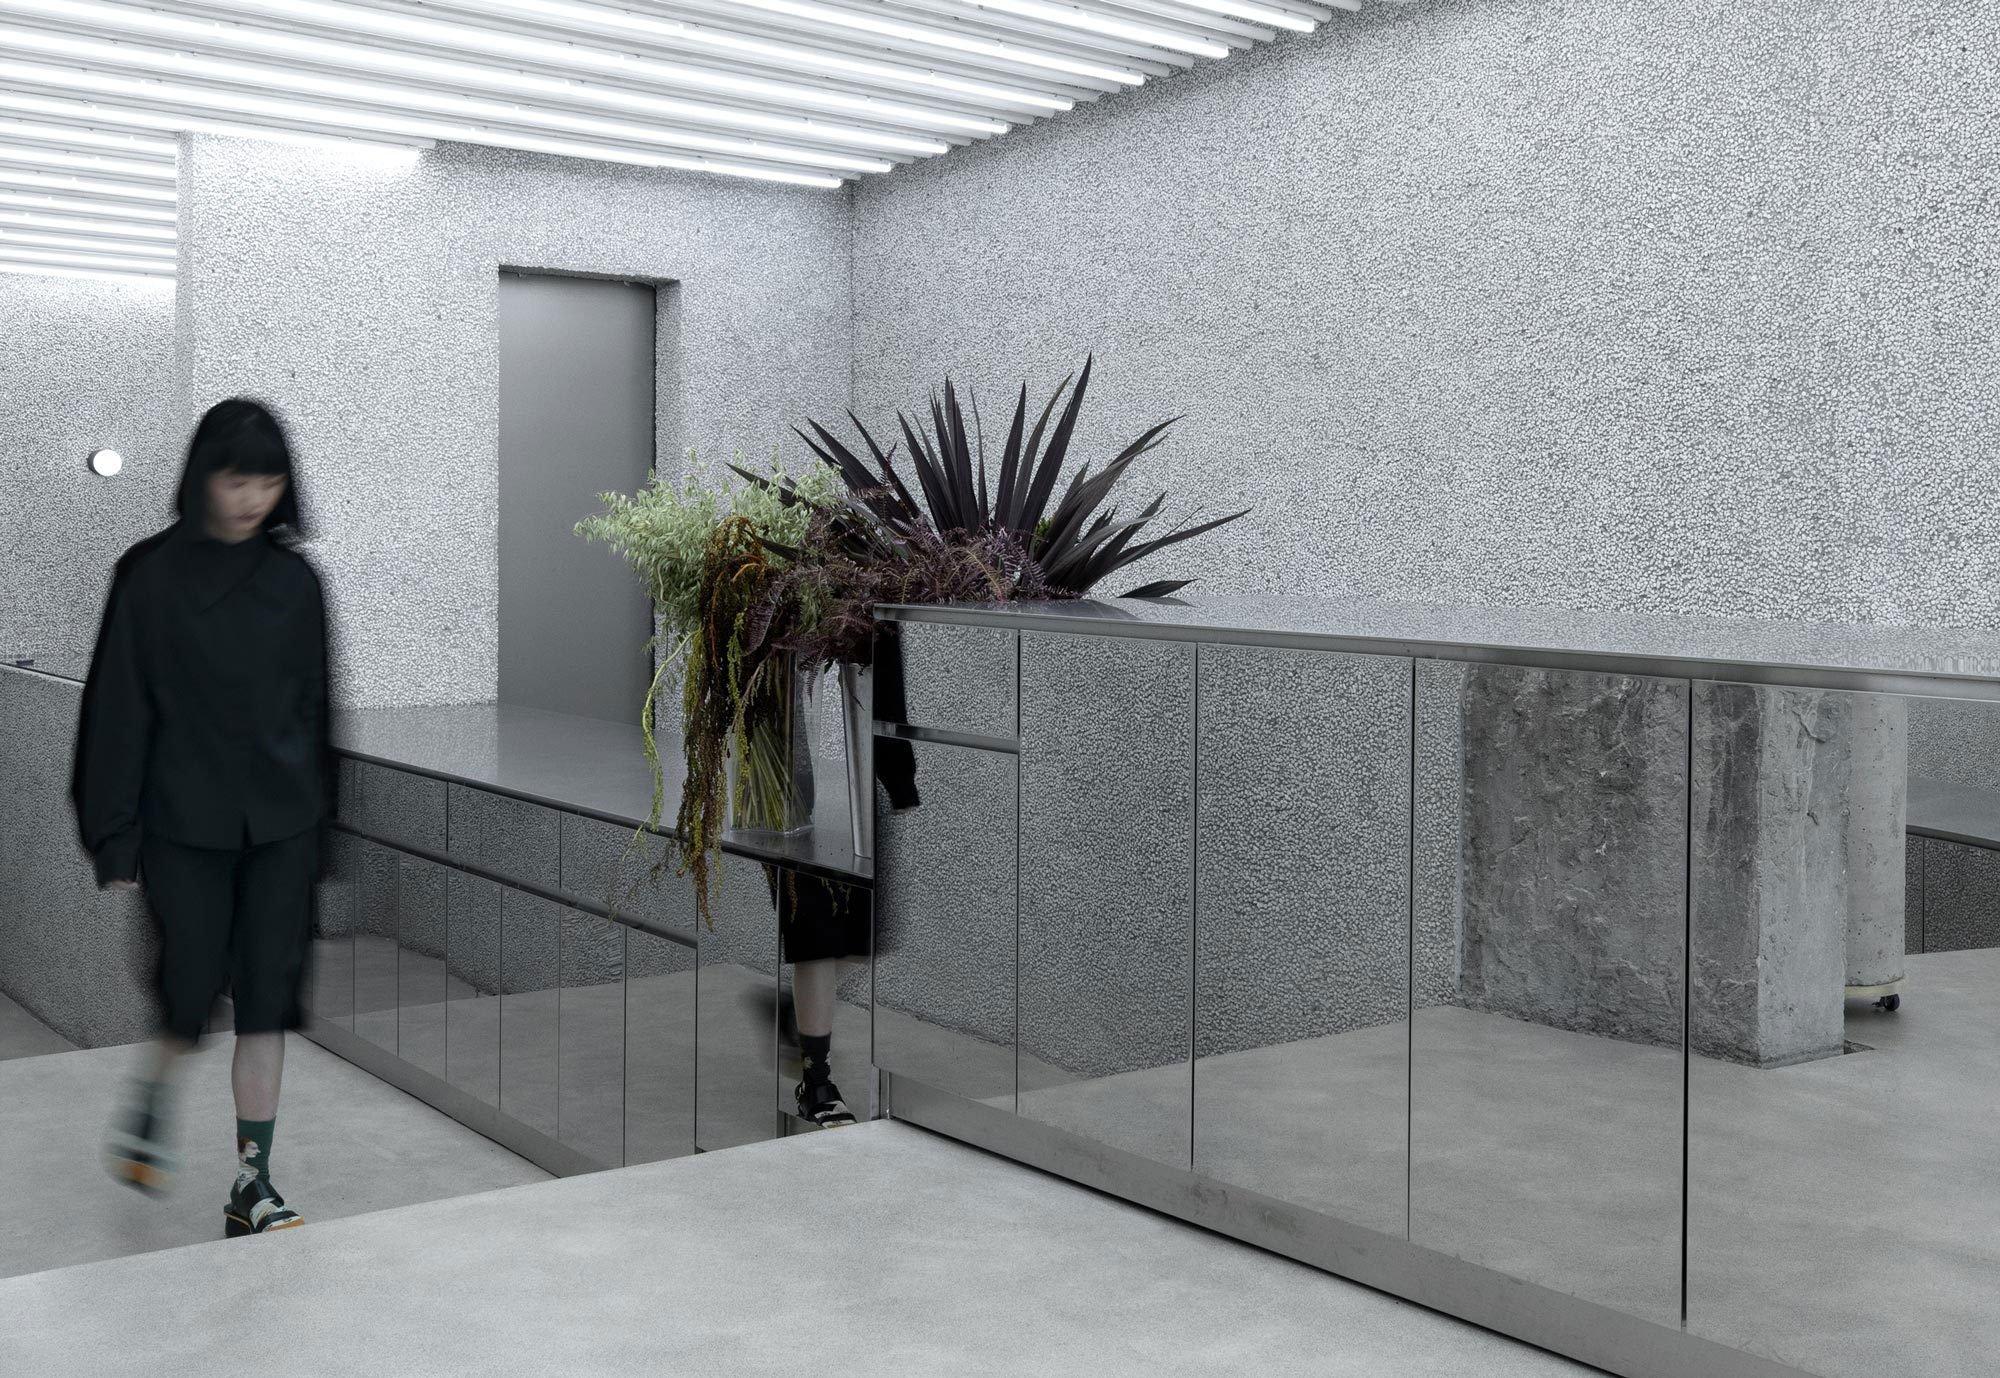 Pflanzenladen R Society von 0321 Studio in China